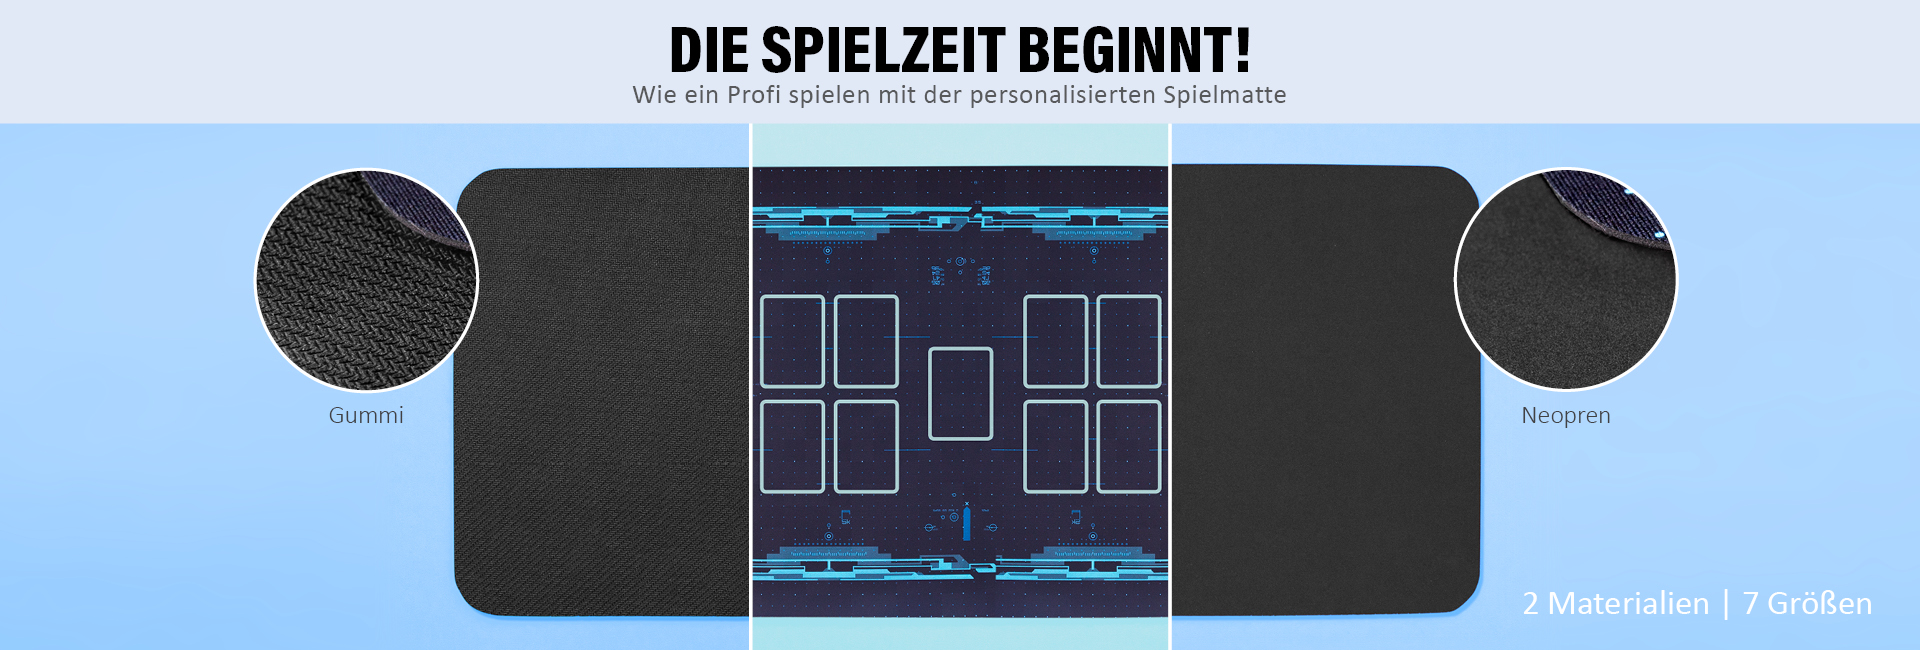 personalisierte foto geschenke spielkarten puzzles online erstellen. Black Bedroom Furniture Sets. Home Design Ideas